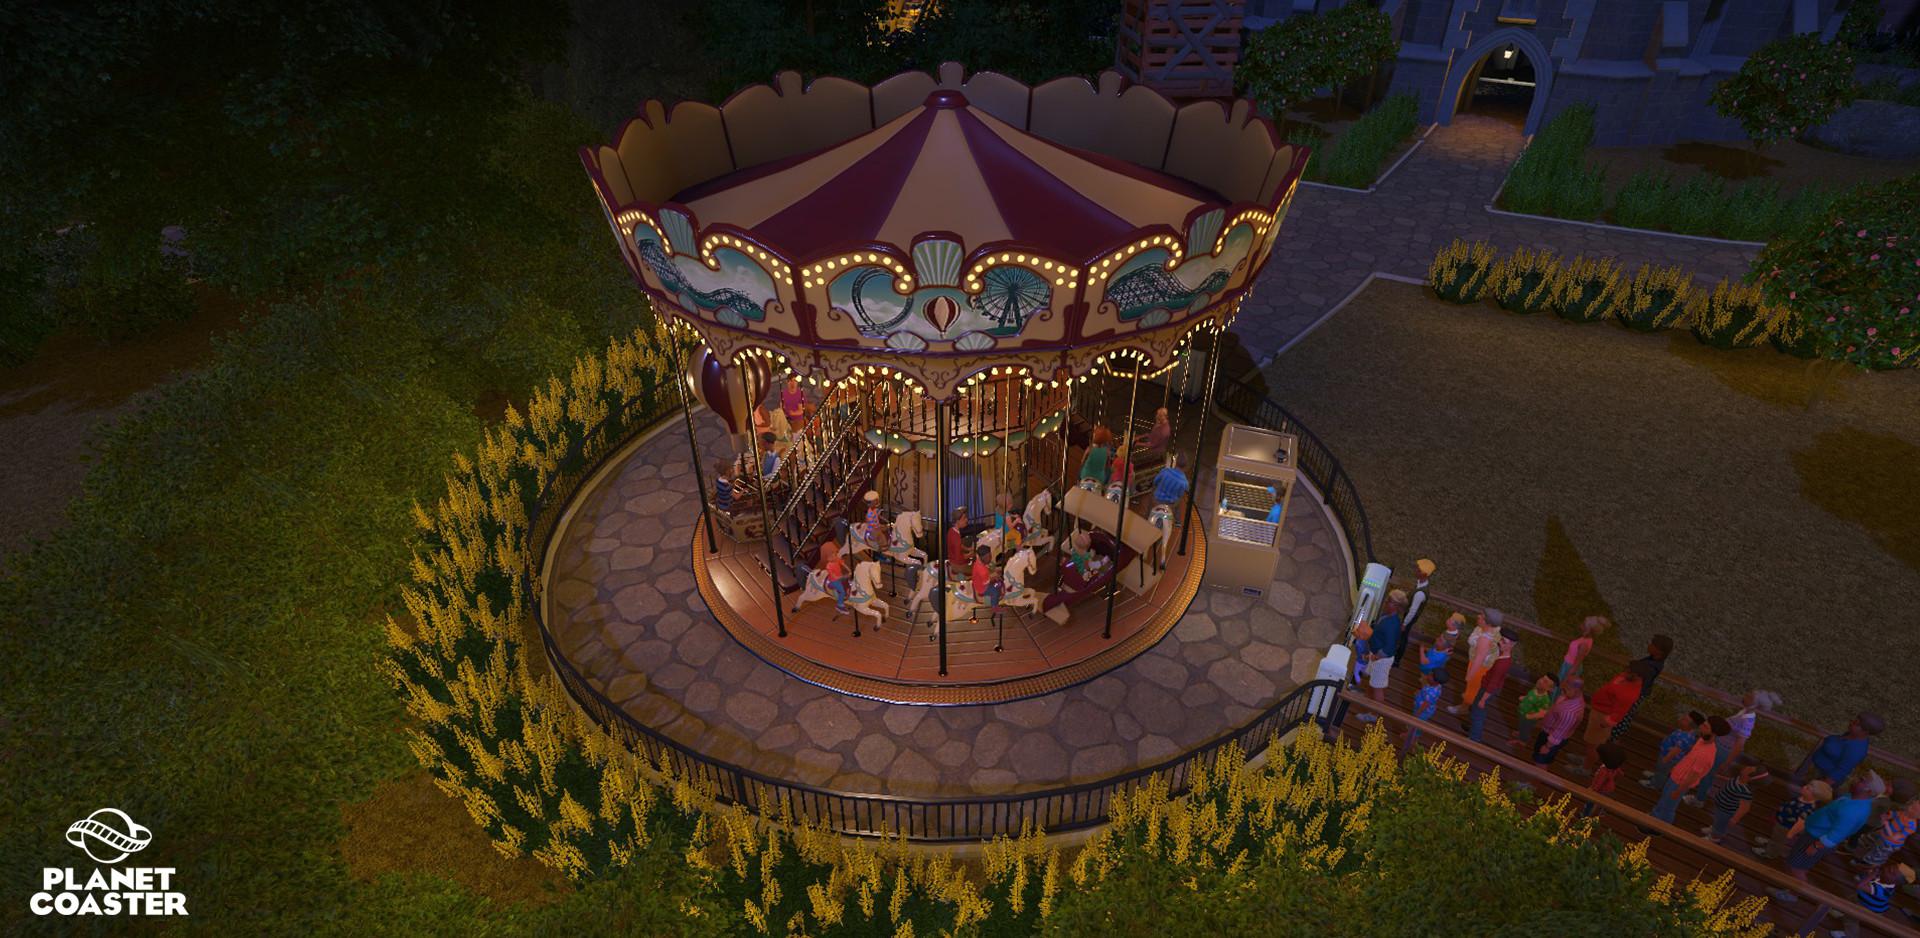 Oscar rickett carousel3